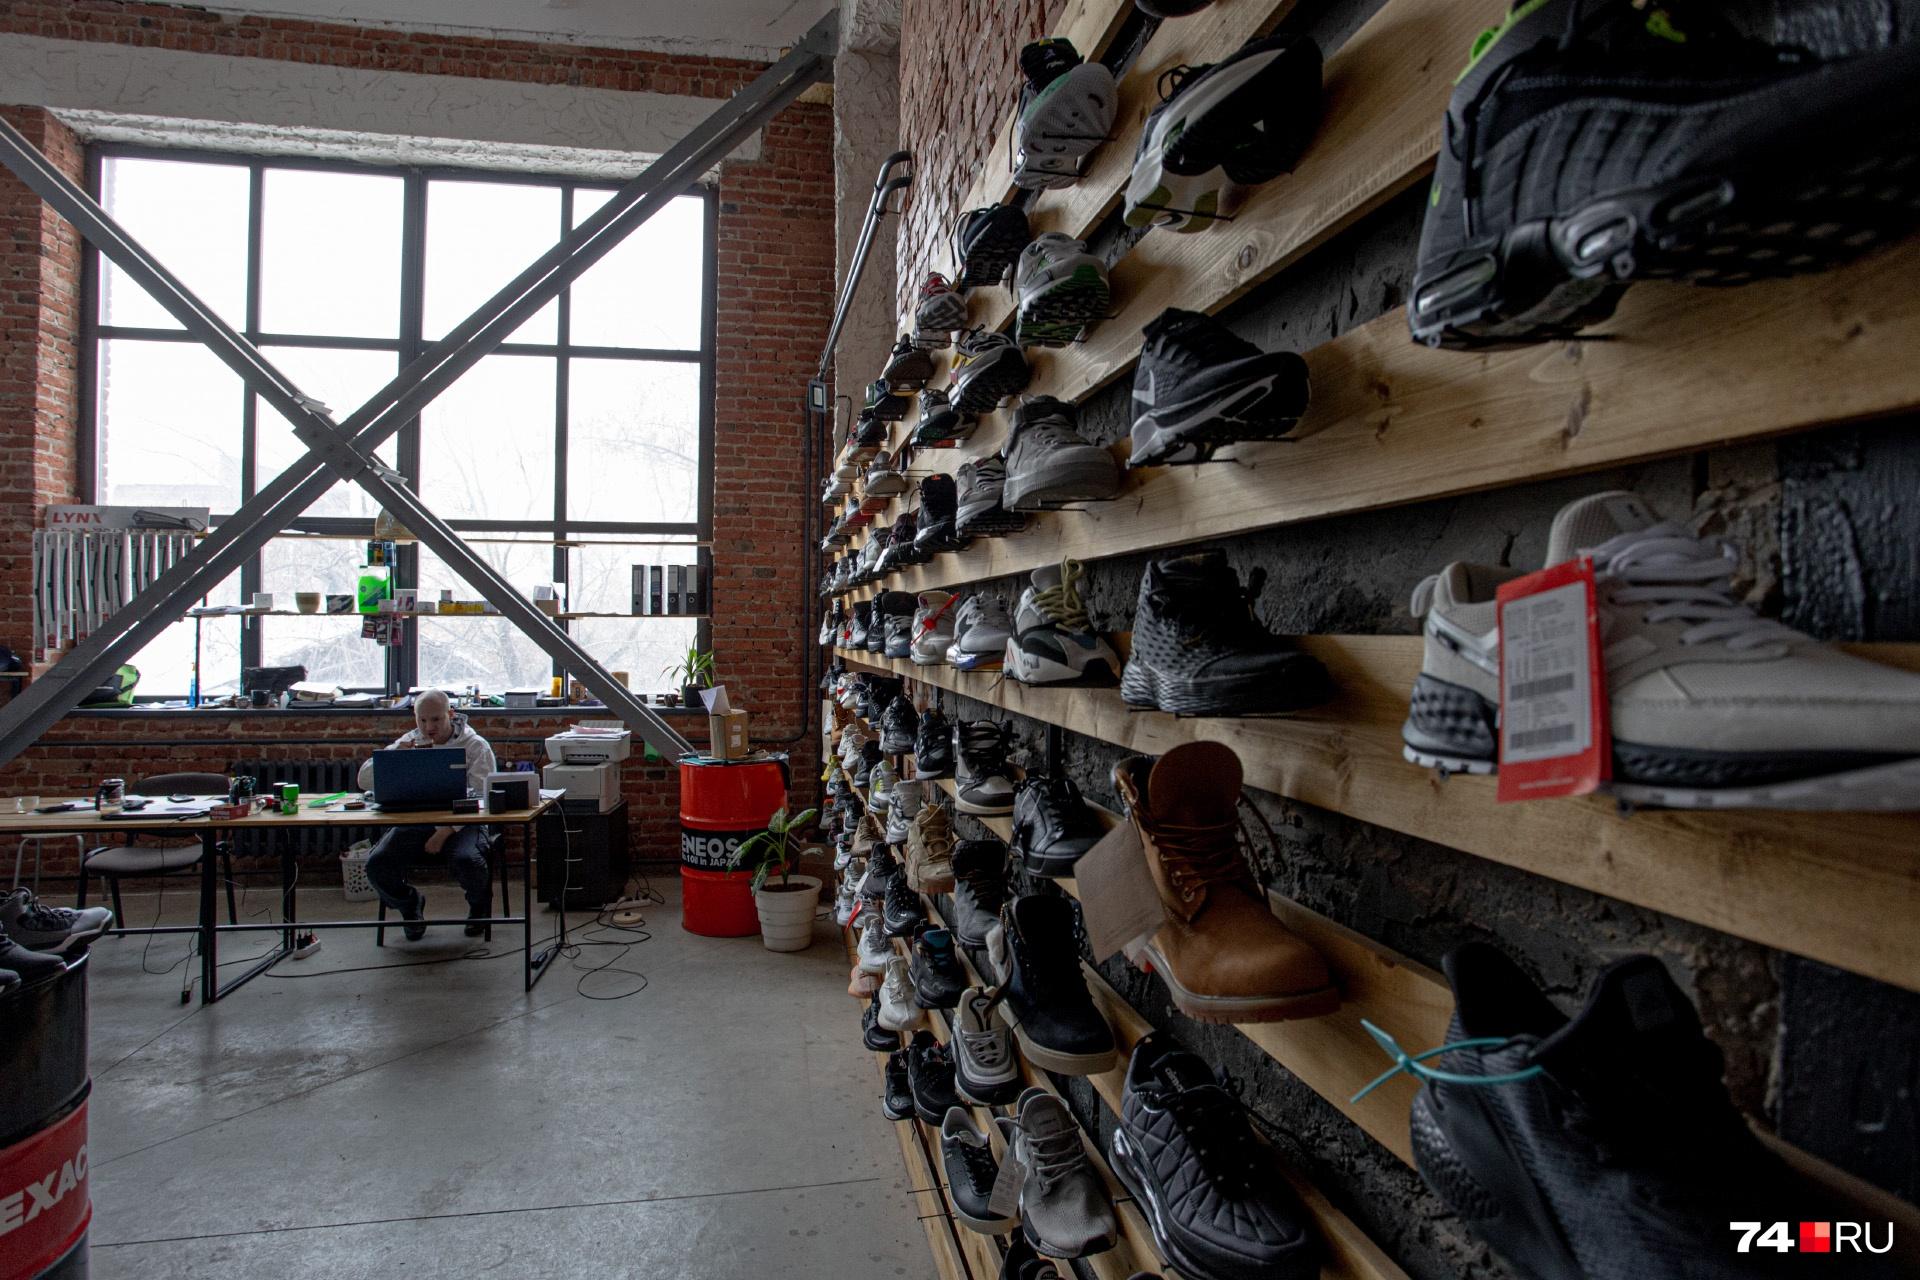 Площадь этого магазина кроссовок больше, чем в шоурумах в ТРК